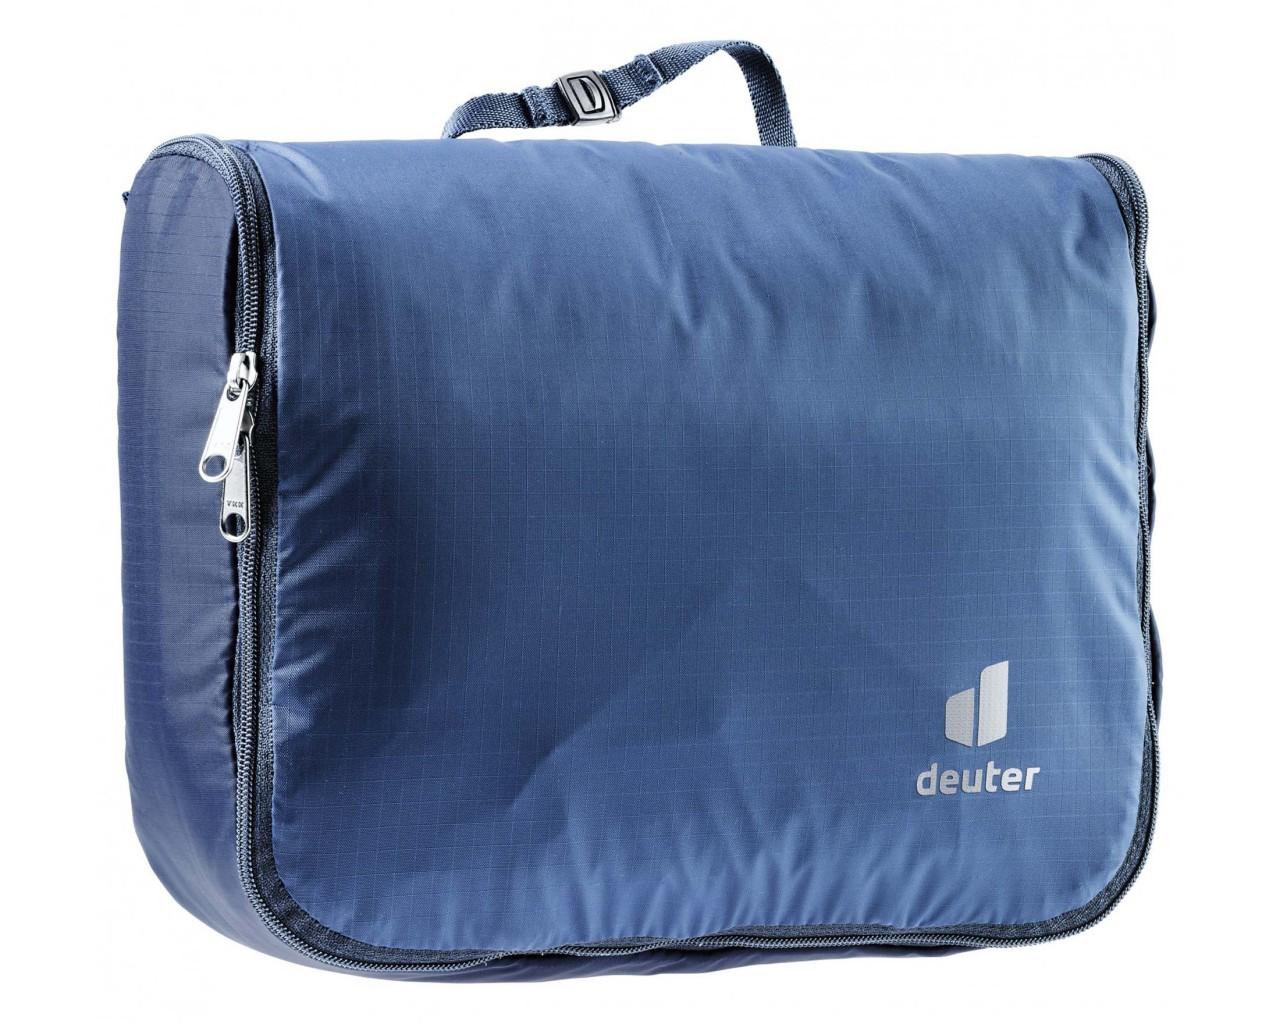 Deuter Wash Center Lite II - 3 litres wash pack   midnight-navy